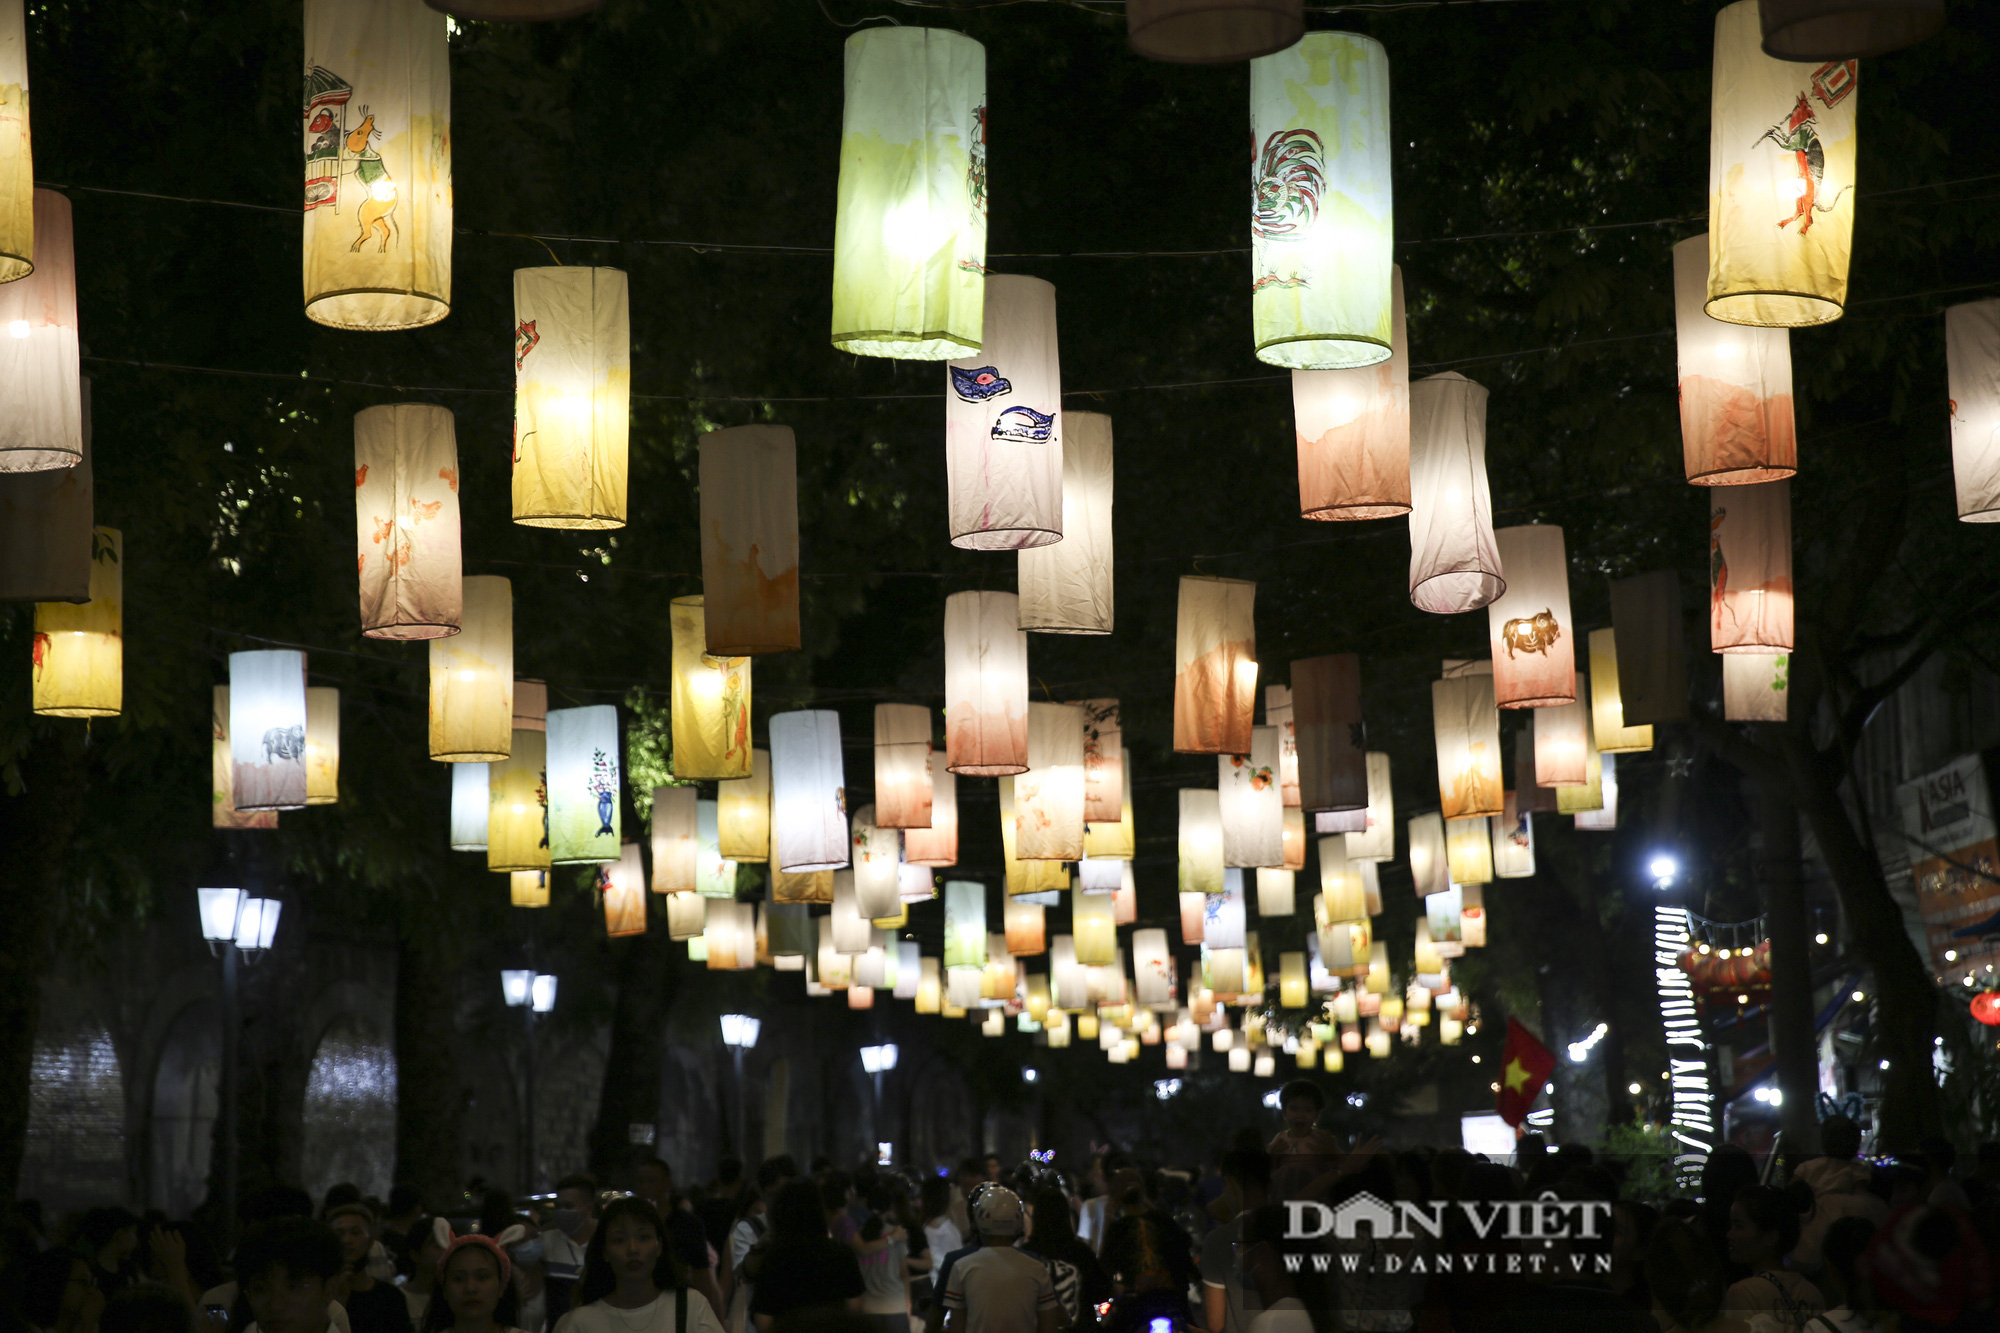 Hàng nghìn người đổ phố bích họa Phùng Hưng thưởng lãm đèn lồng - Ảnh 8.